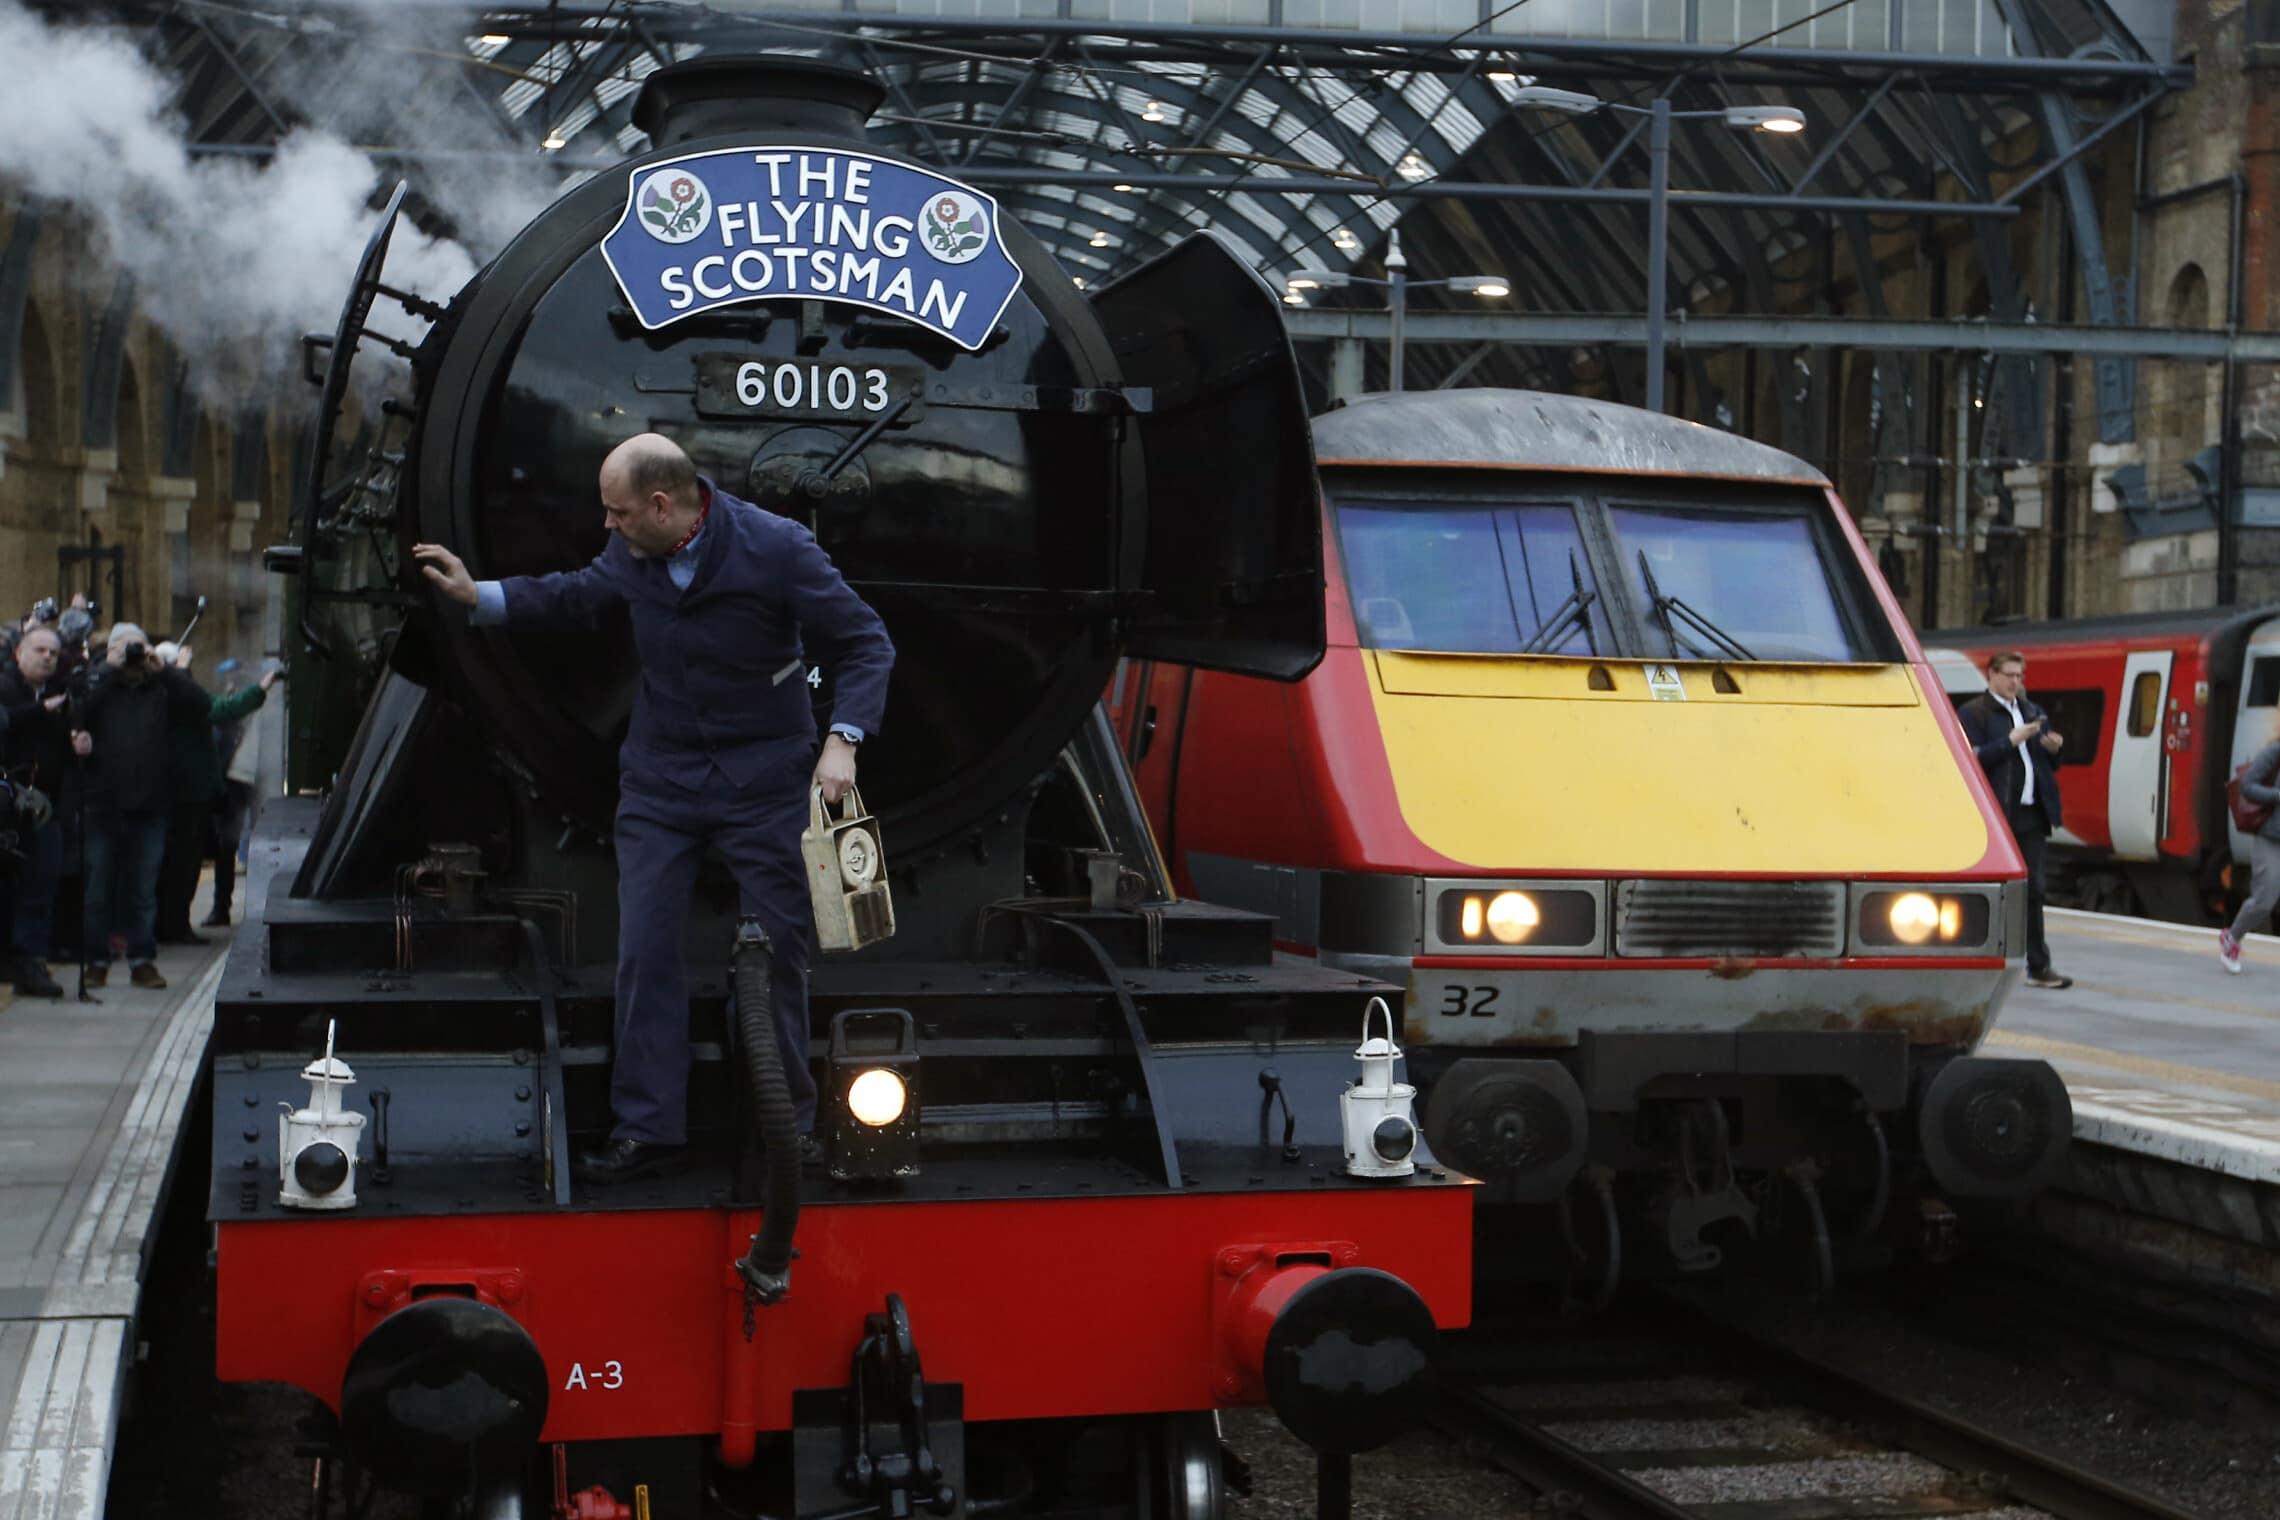 הסקוטי המעופף בתחנת קינגס קרוס בלונדון, 25 בפברואר 2016